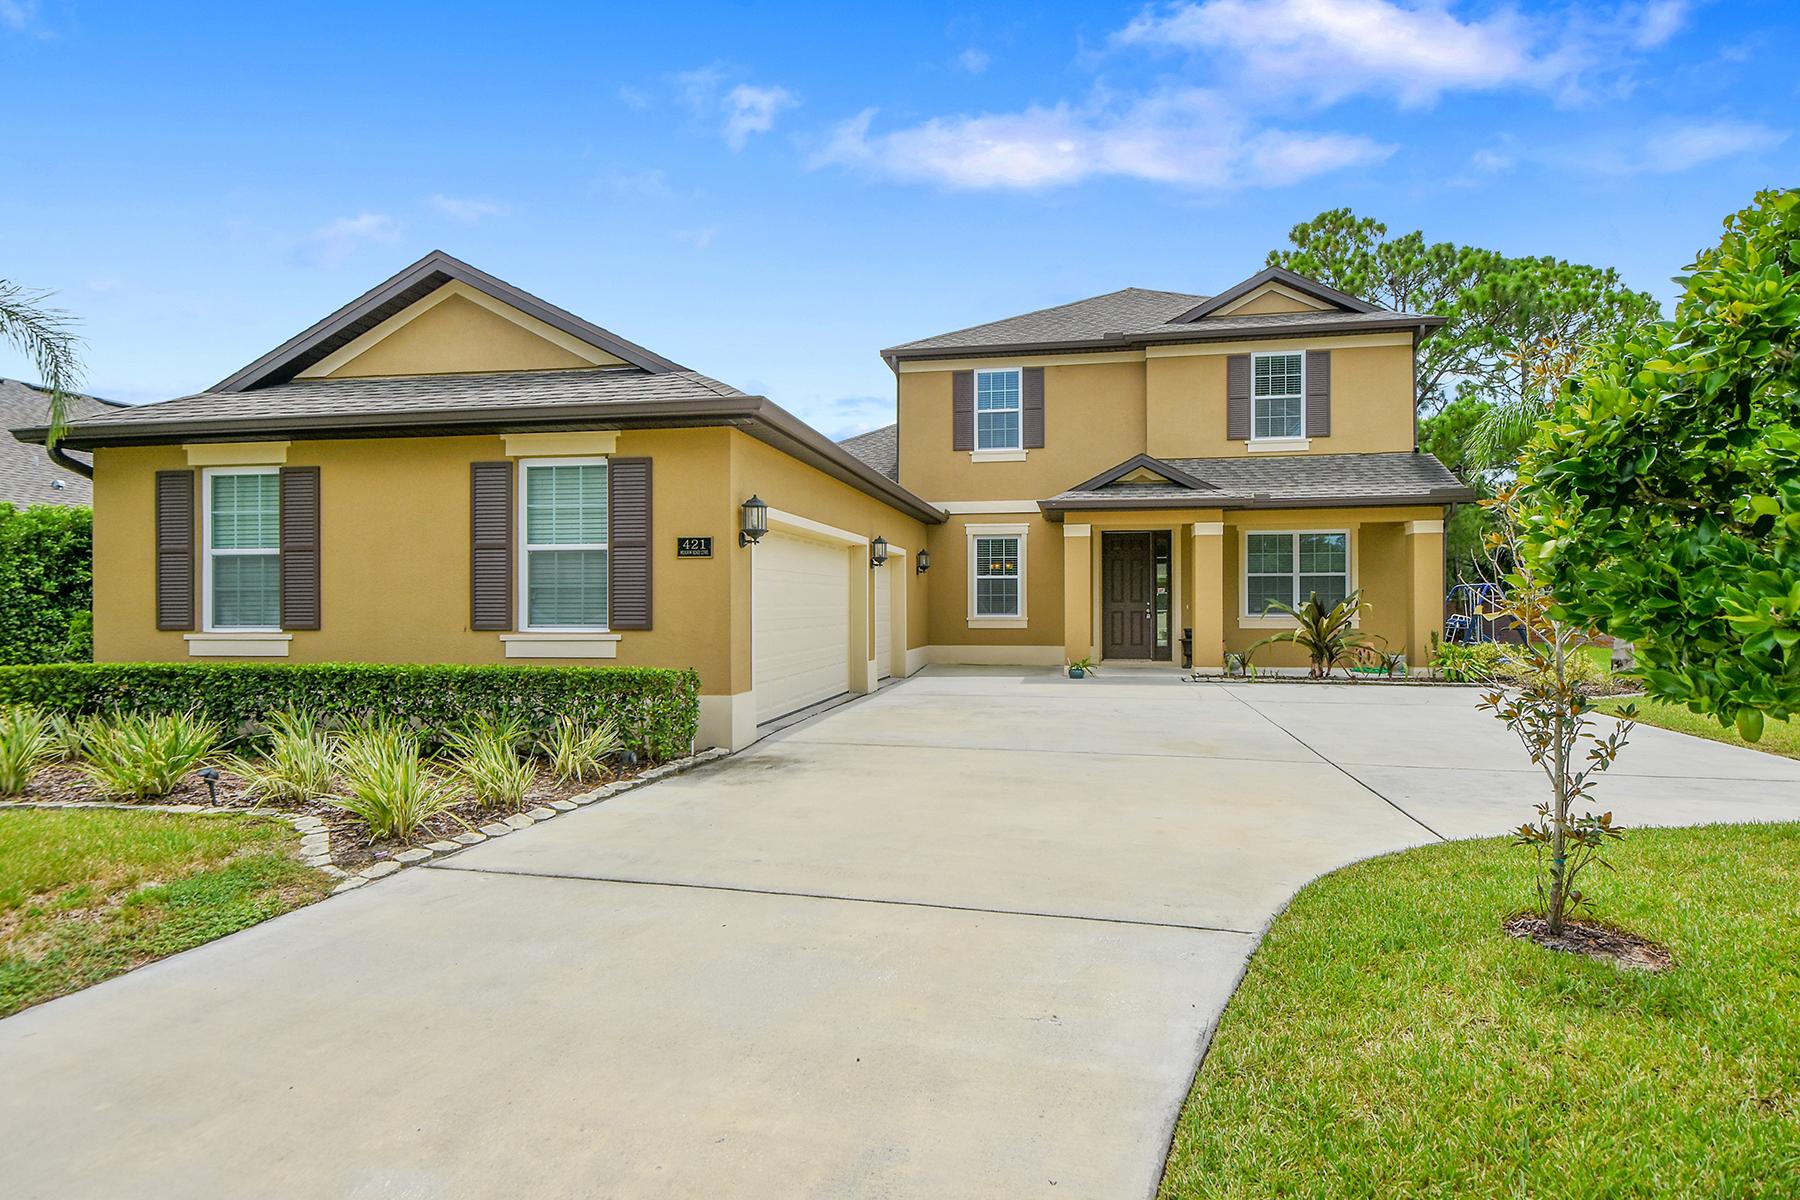 Einfamilienhaus für Verkauf beim ORLANDO - LONGWOOD 421 Meadowridge Cv Longwood, Florida 32750 Vereinigte Staaten